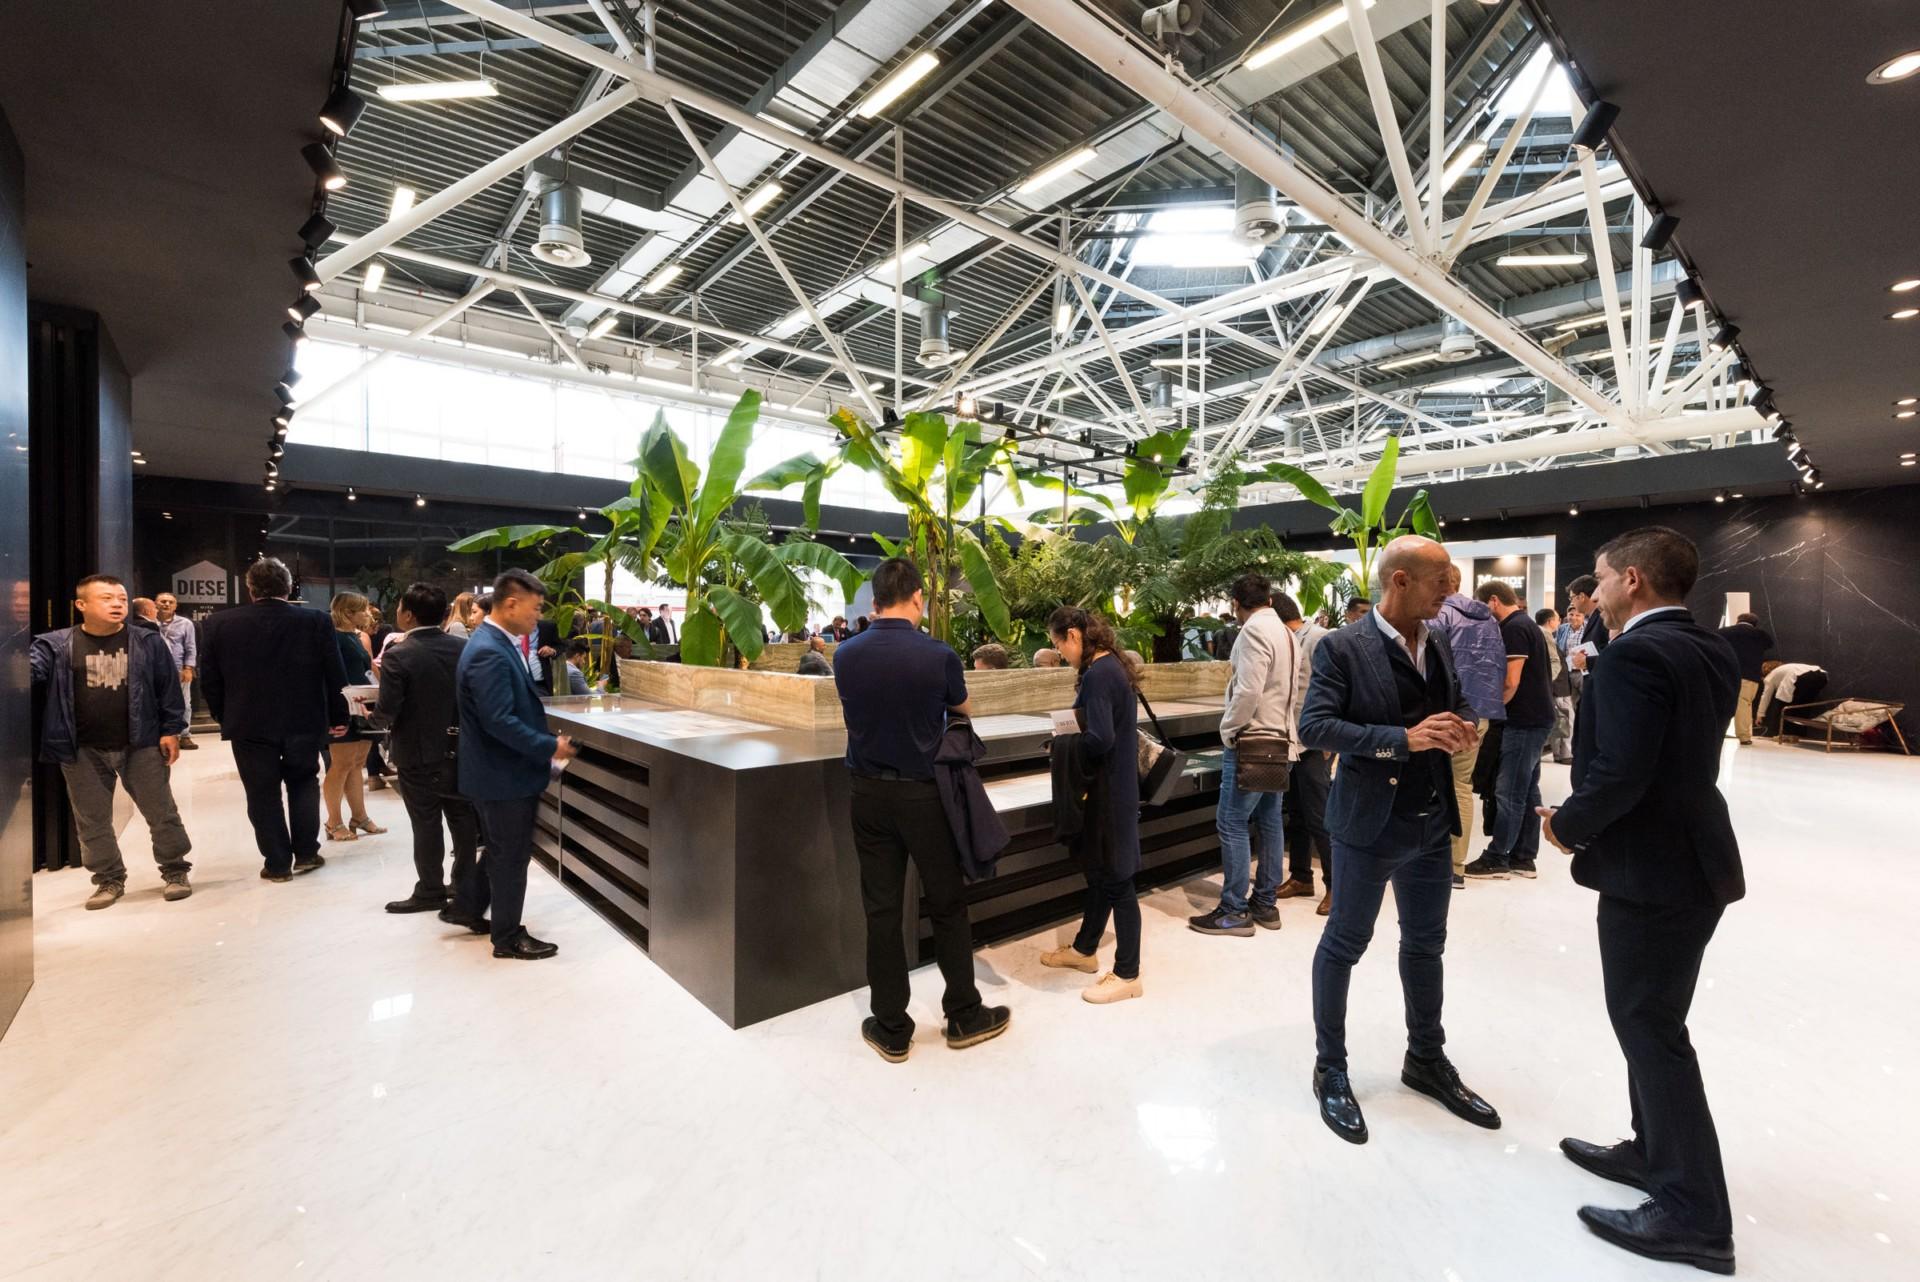 Iris ceramica - FMG Fabbrica Marmi e Graniti - Eiffelgres auf der Cersaie 2017